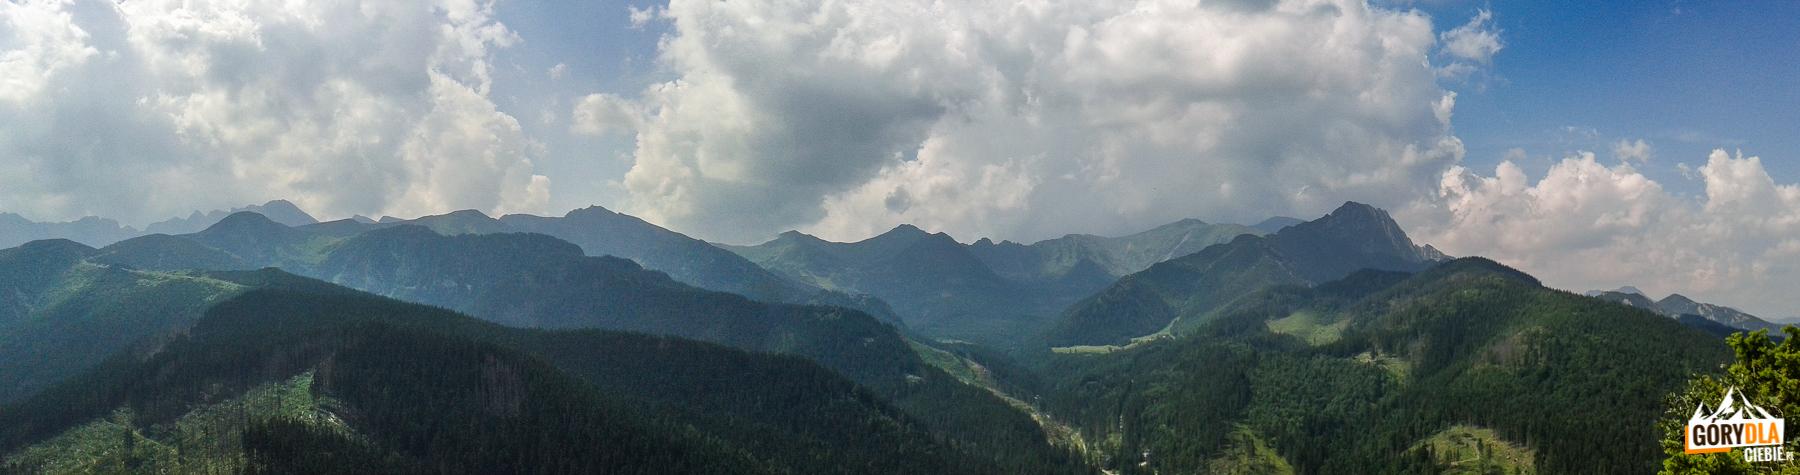 Panorama Tatr z Nosala (1206 m): od lewj Świnica, Kasprowy Wierch, Goryczkowe Czuby, Kopa Kondrackai Giewont